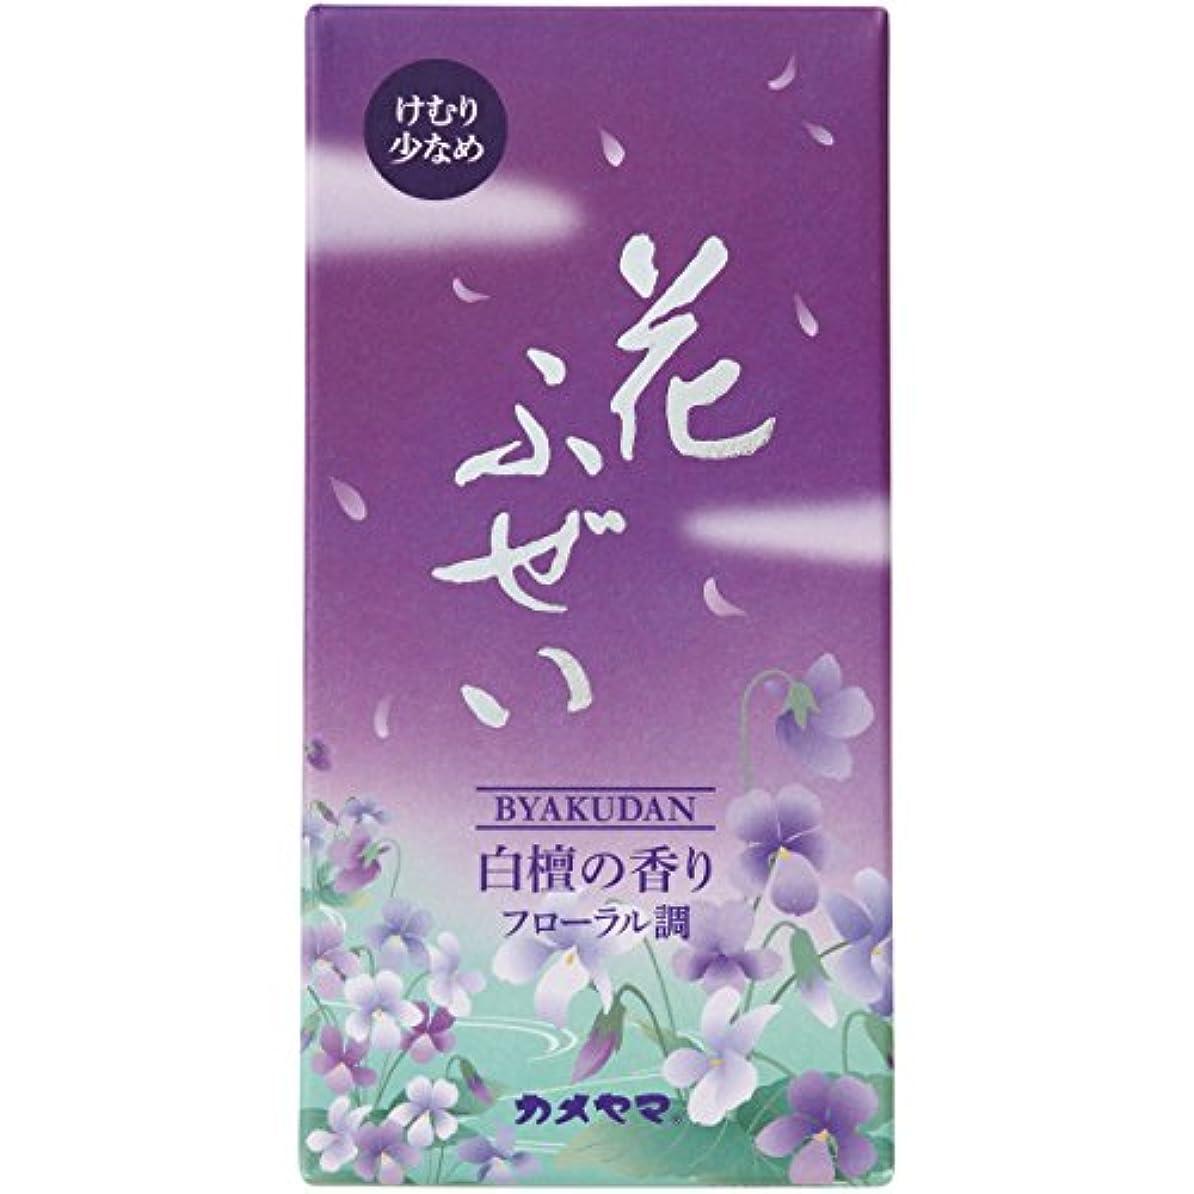 ホイールウェブ背の高いカメヤマ 花ふぜい(紫)煙少香